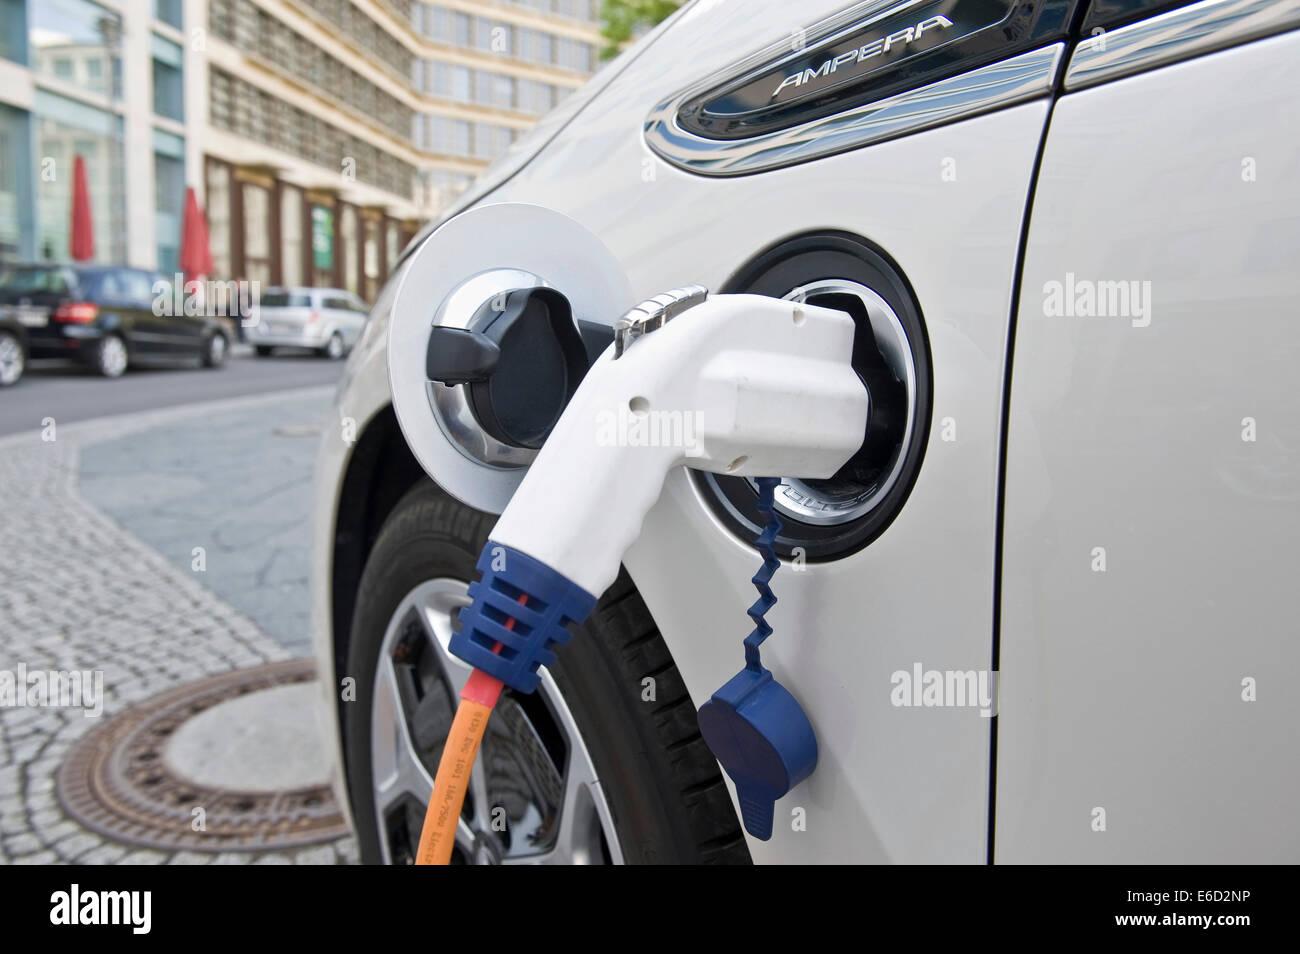 Auto elettrica, Opel Ampera, in corrispondenza di una stazione di carica, Berlino, Germania Immagini Stock